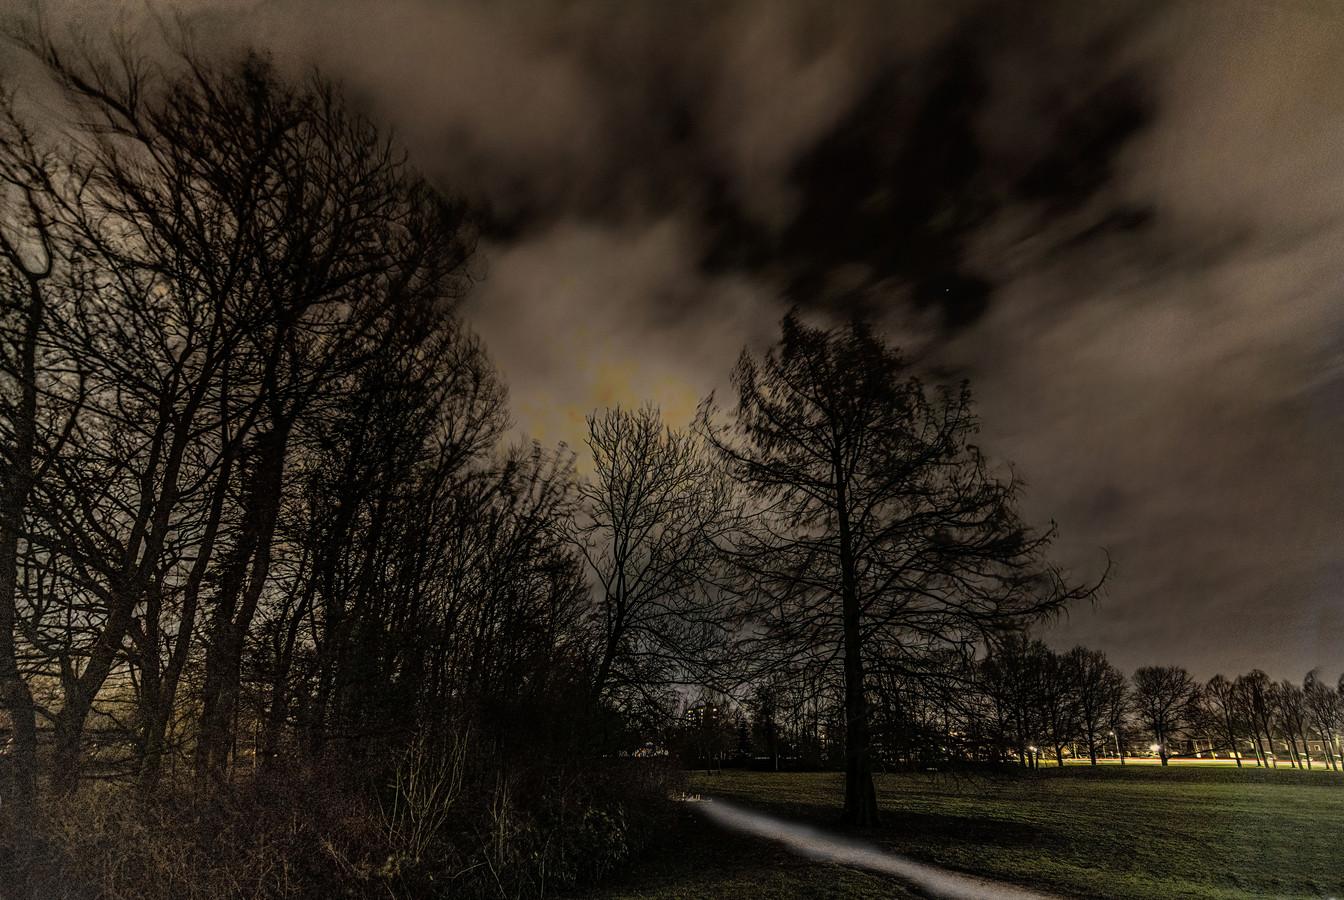 In juni 2020 werd een jonge vrouw de bosjes ingetrokken in Park De Wezenlanden in Zwolle. Omstanders konden voorkomen dat ze werd verkracht. Awel Leul M. uit Eritrea staat dinsdag voor de rechter voor deze zaak.